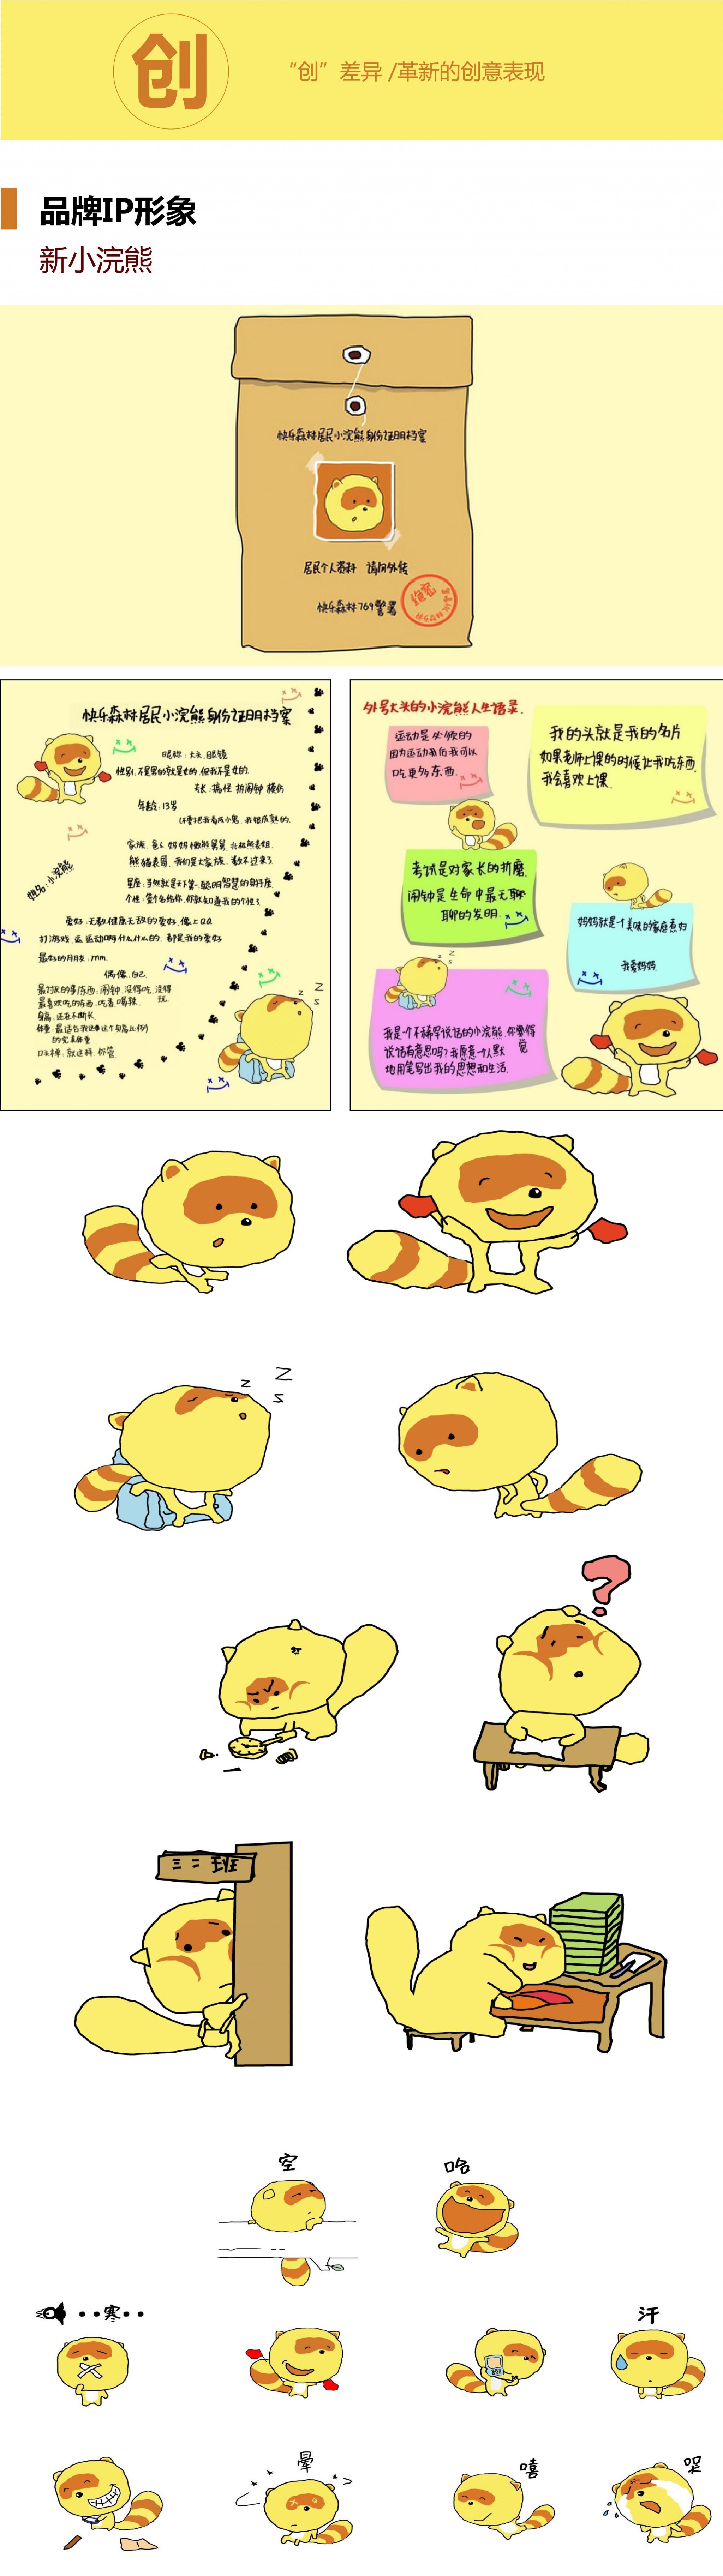 小浣熊网页-04